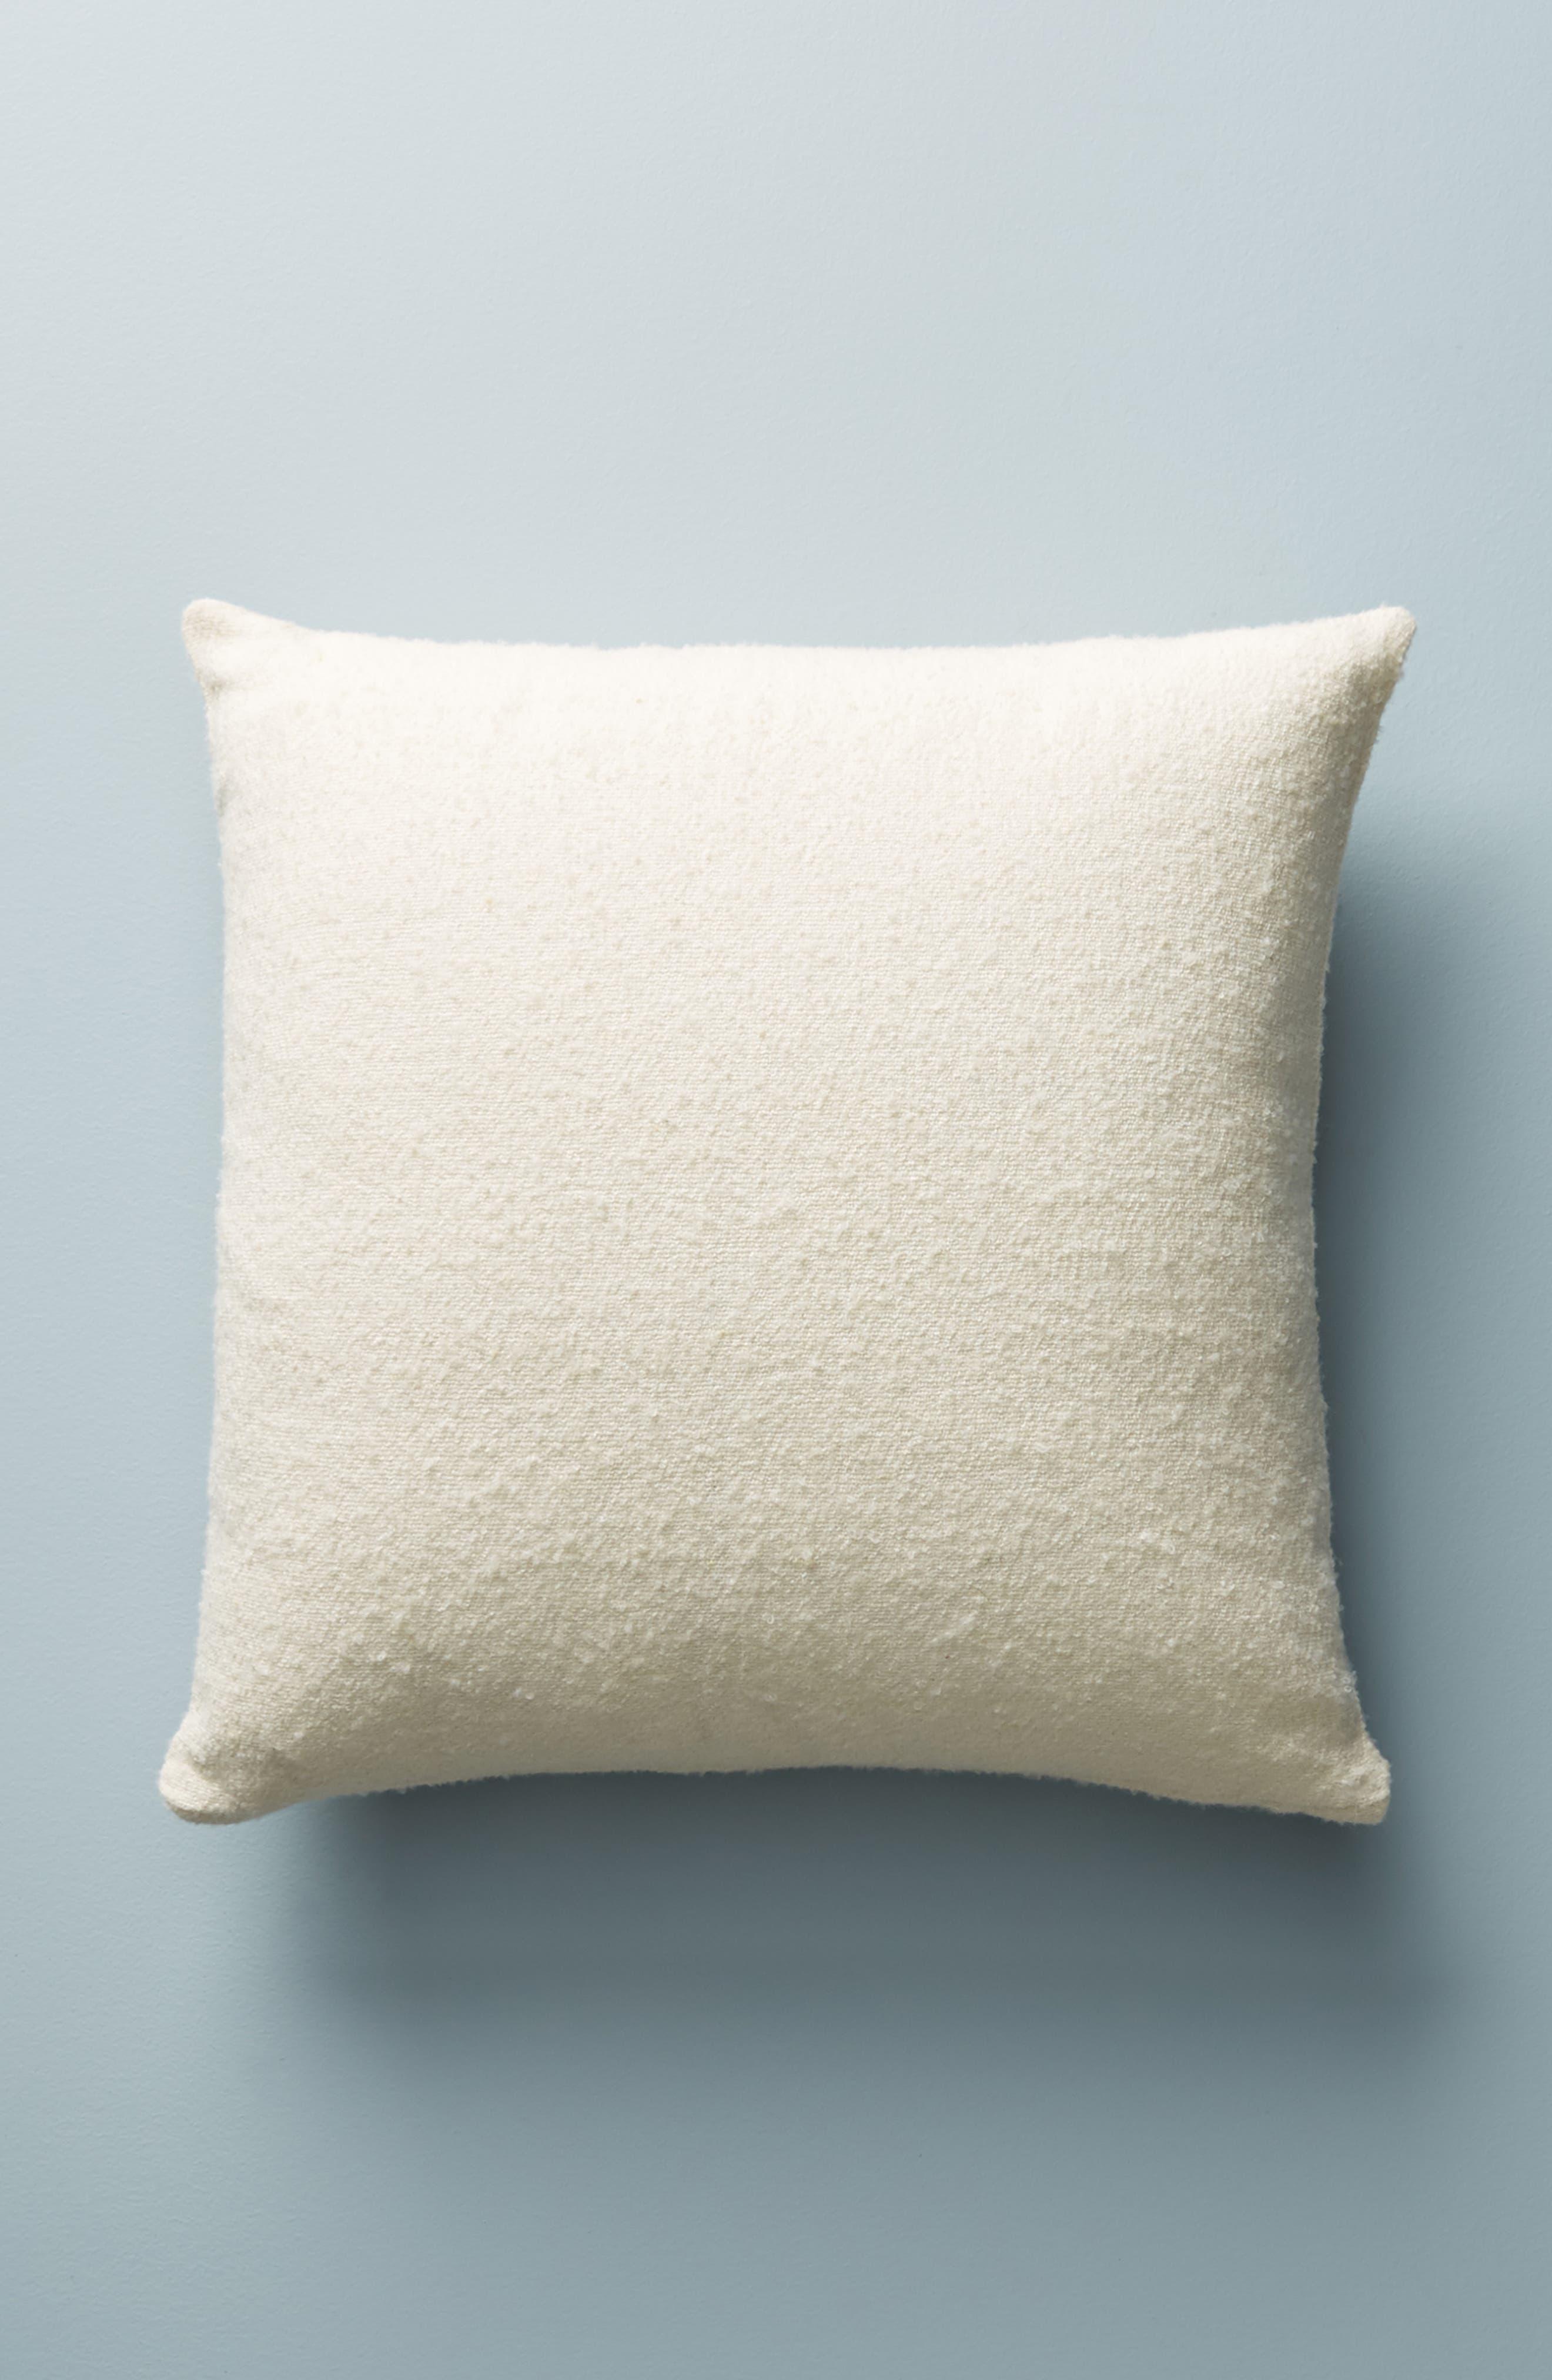 Jess Feury Sunstreak Accent Pillow,                             Alternate thumbnail 2, color,                             100